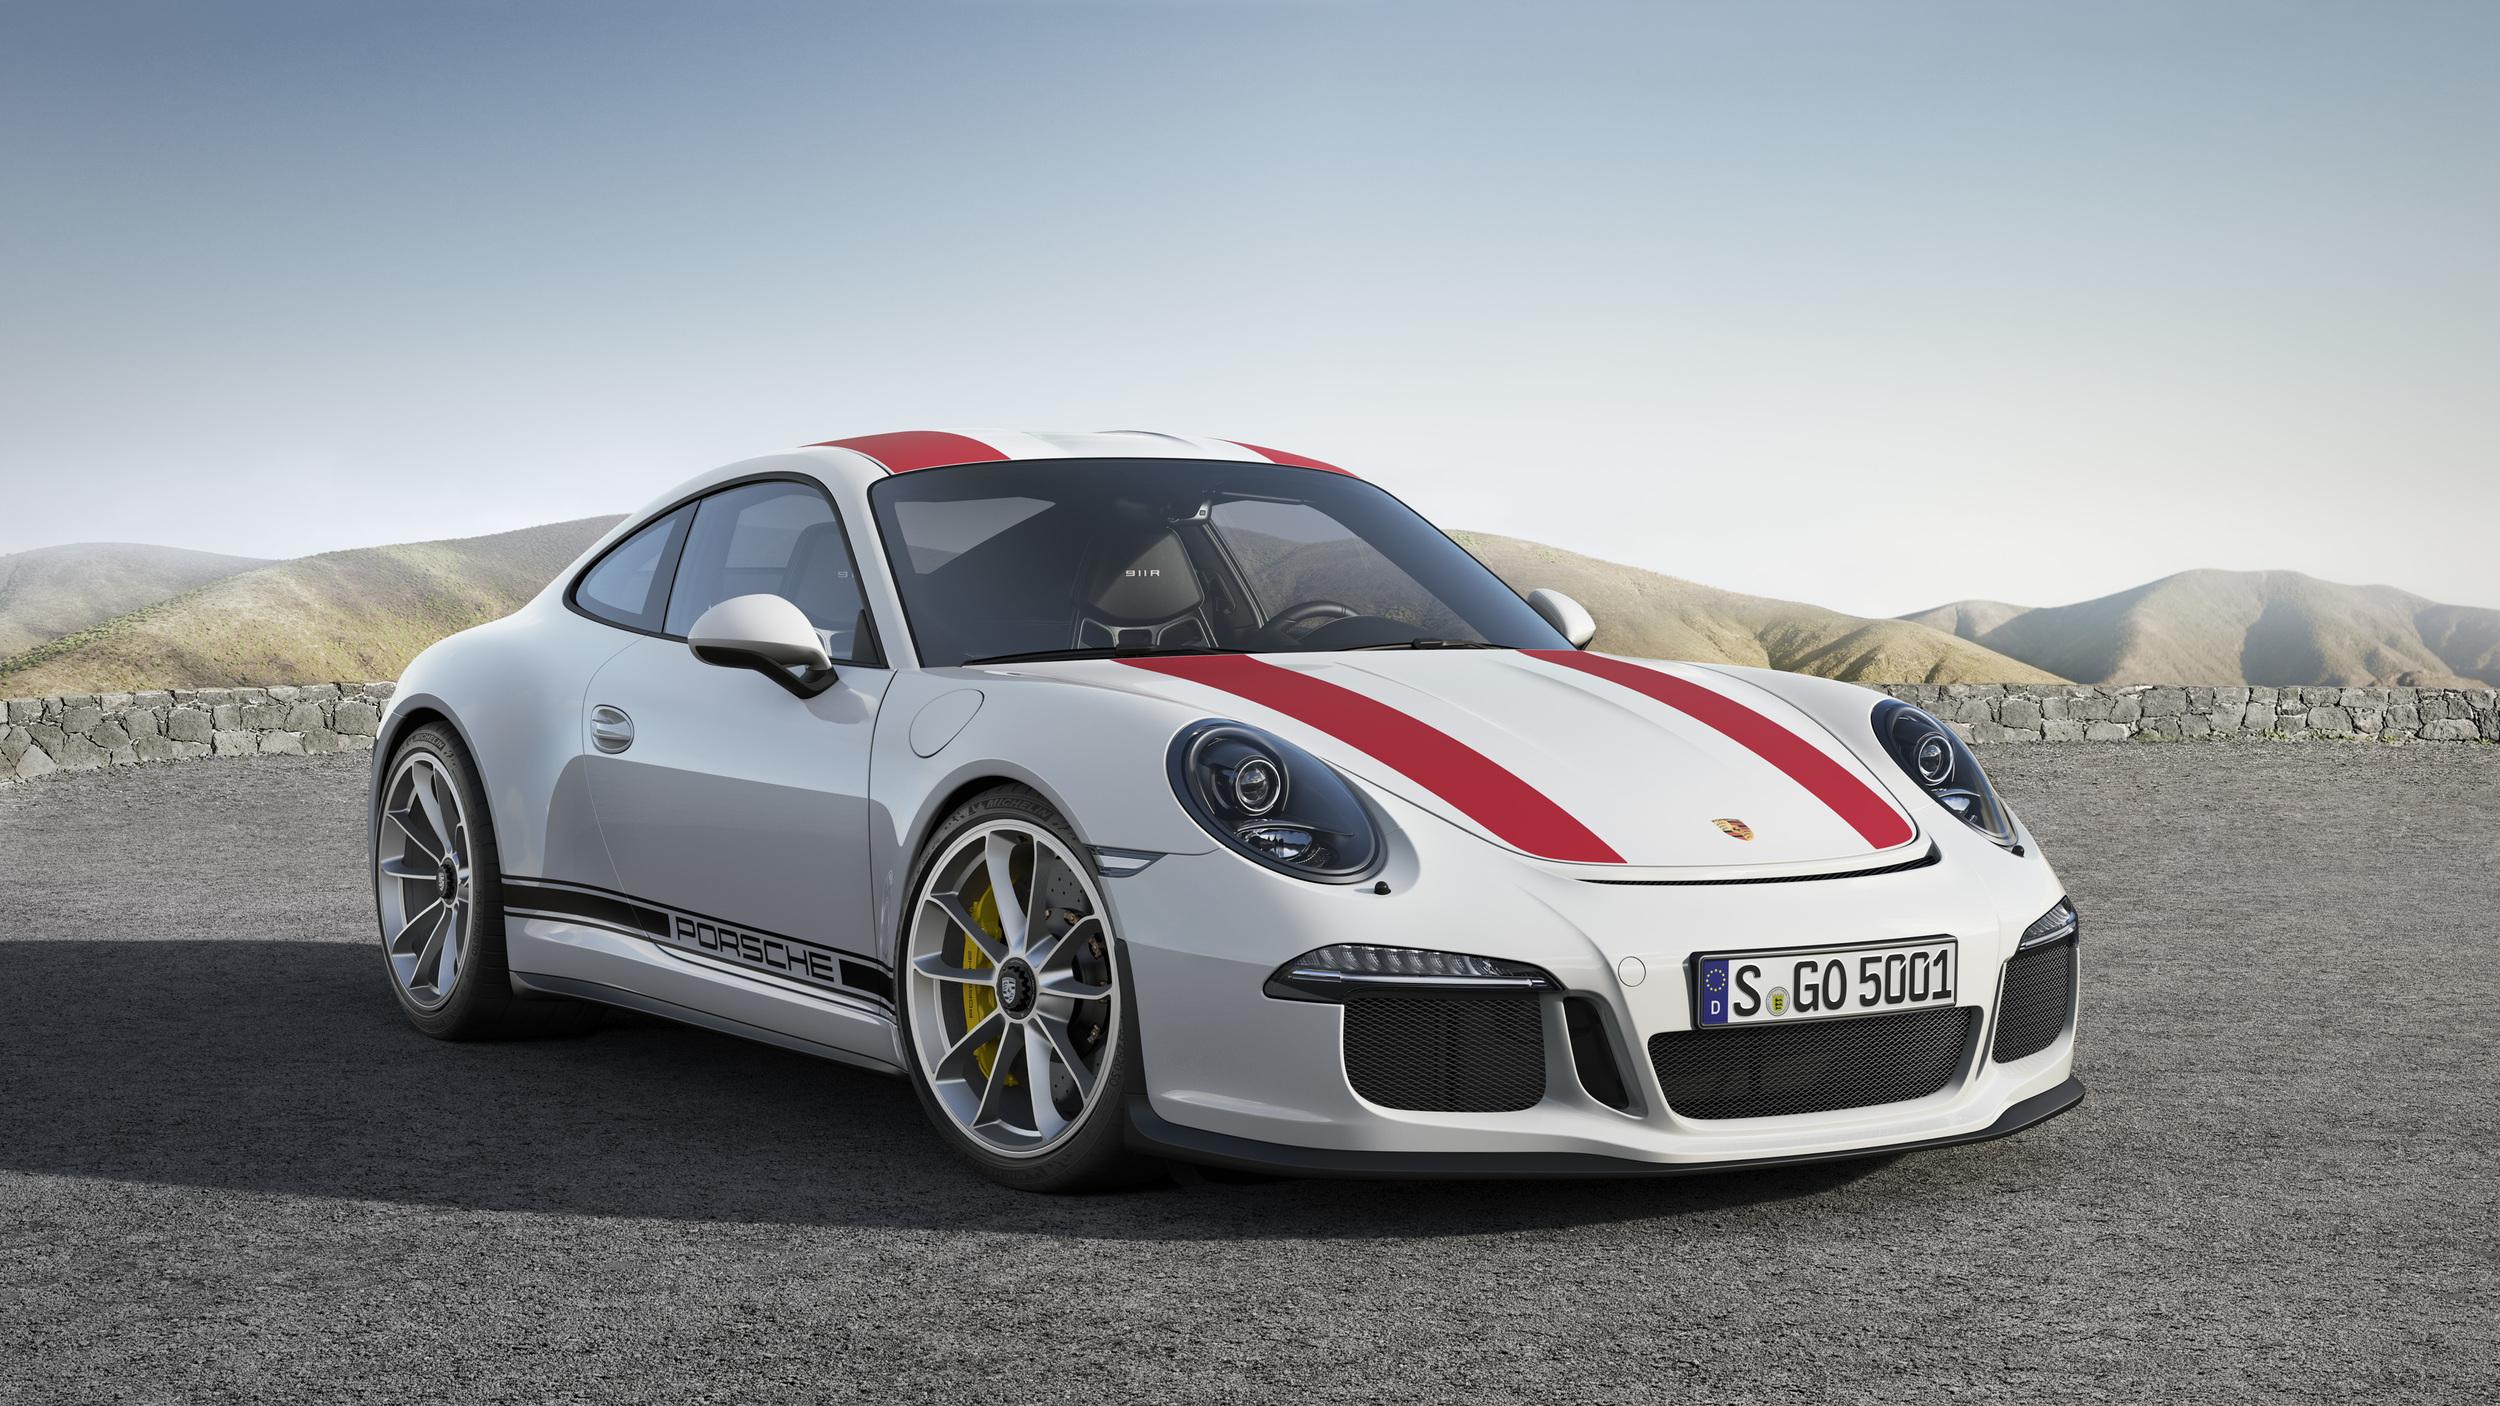 Photo Courtesy of Porsche